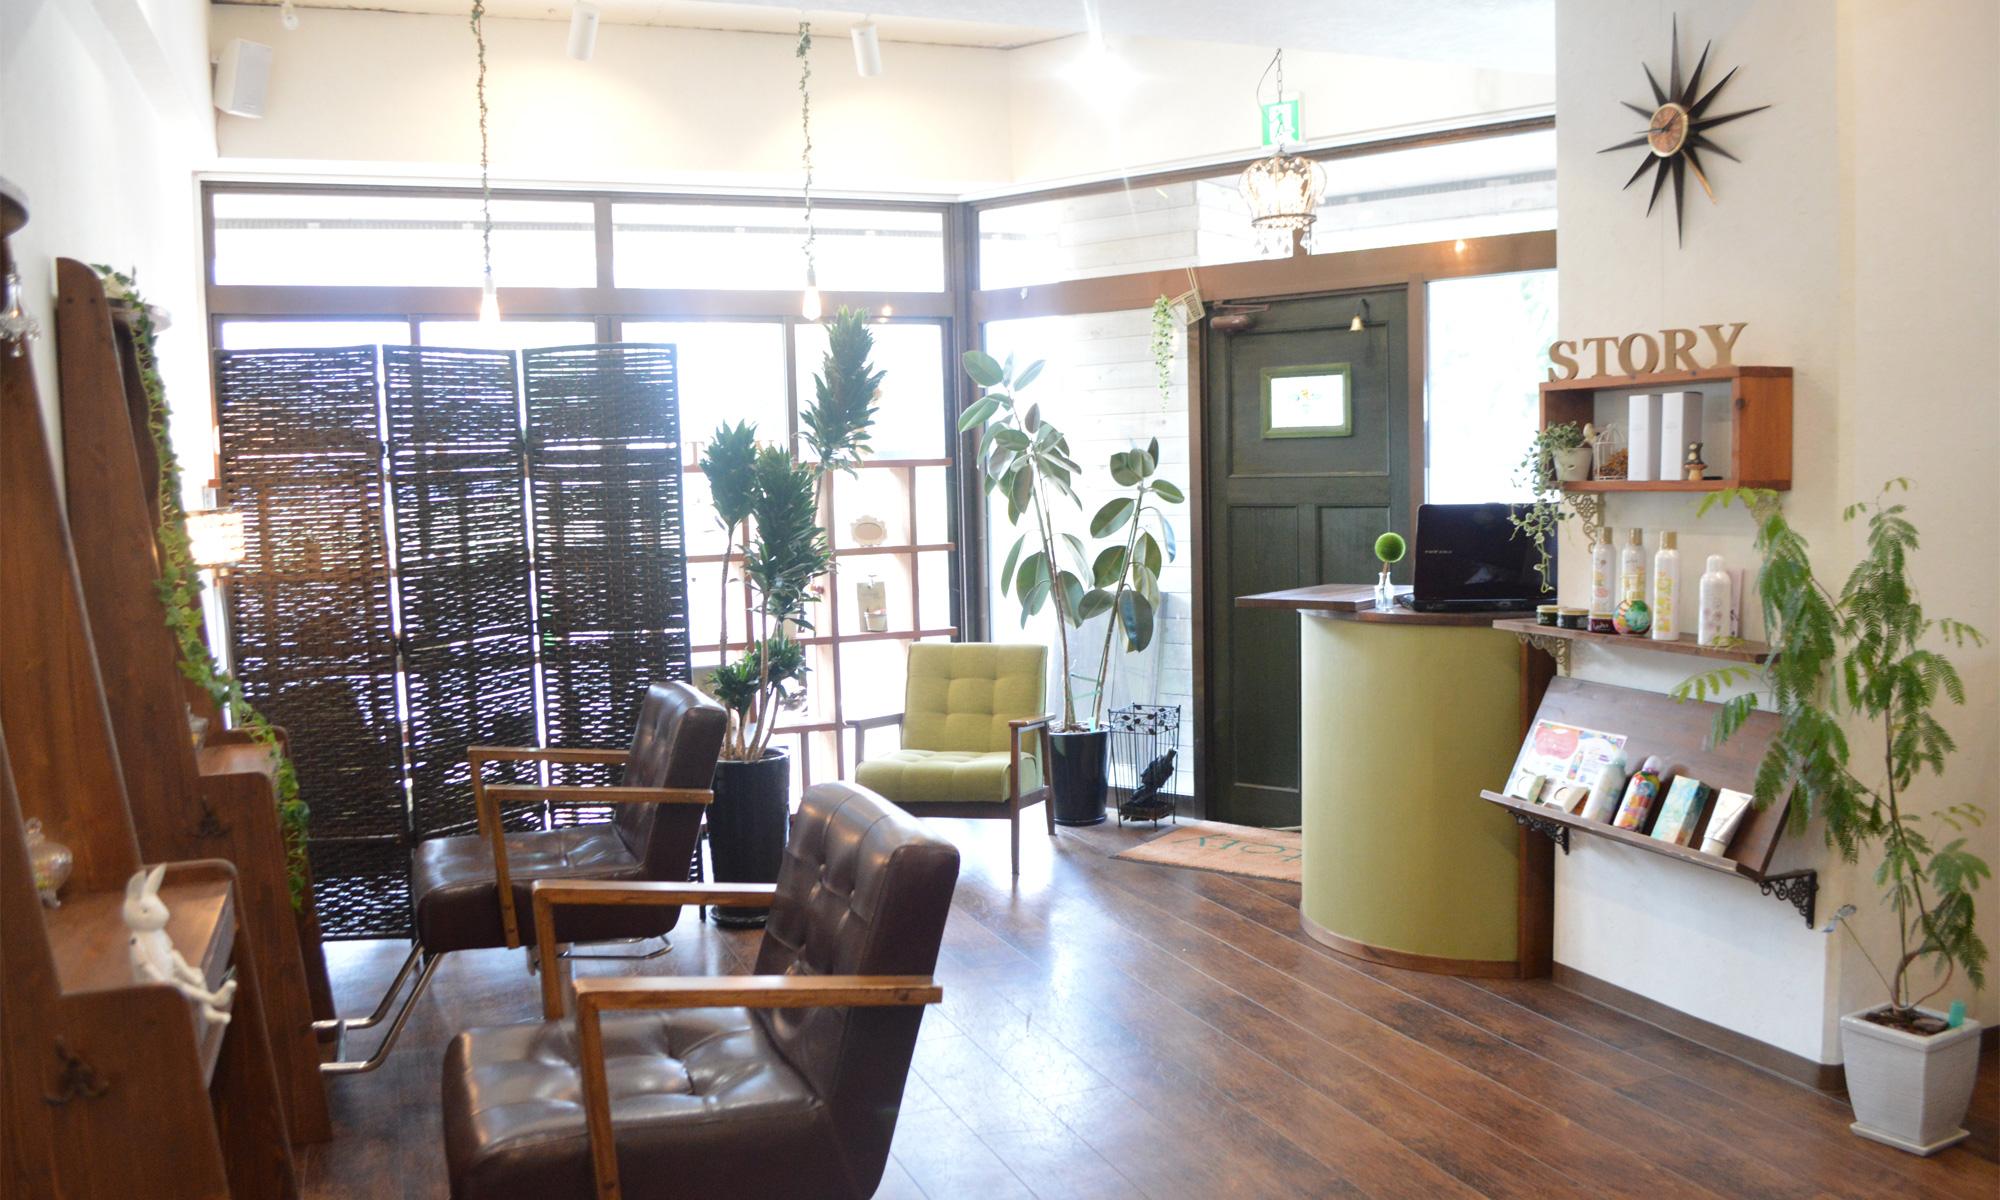 鹿児島中央駅近くの癒しの美容室Story